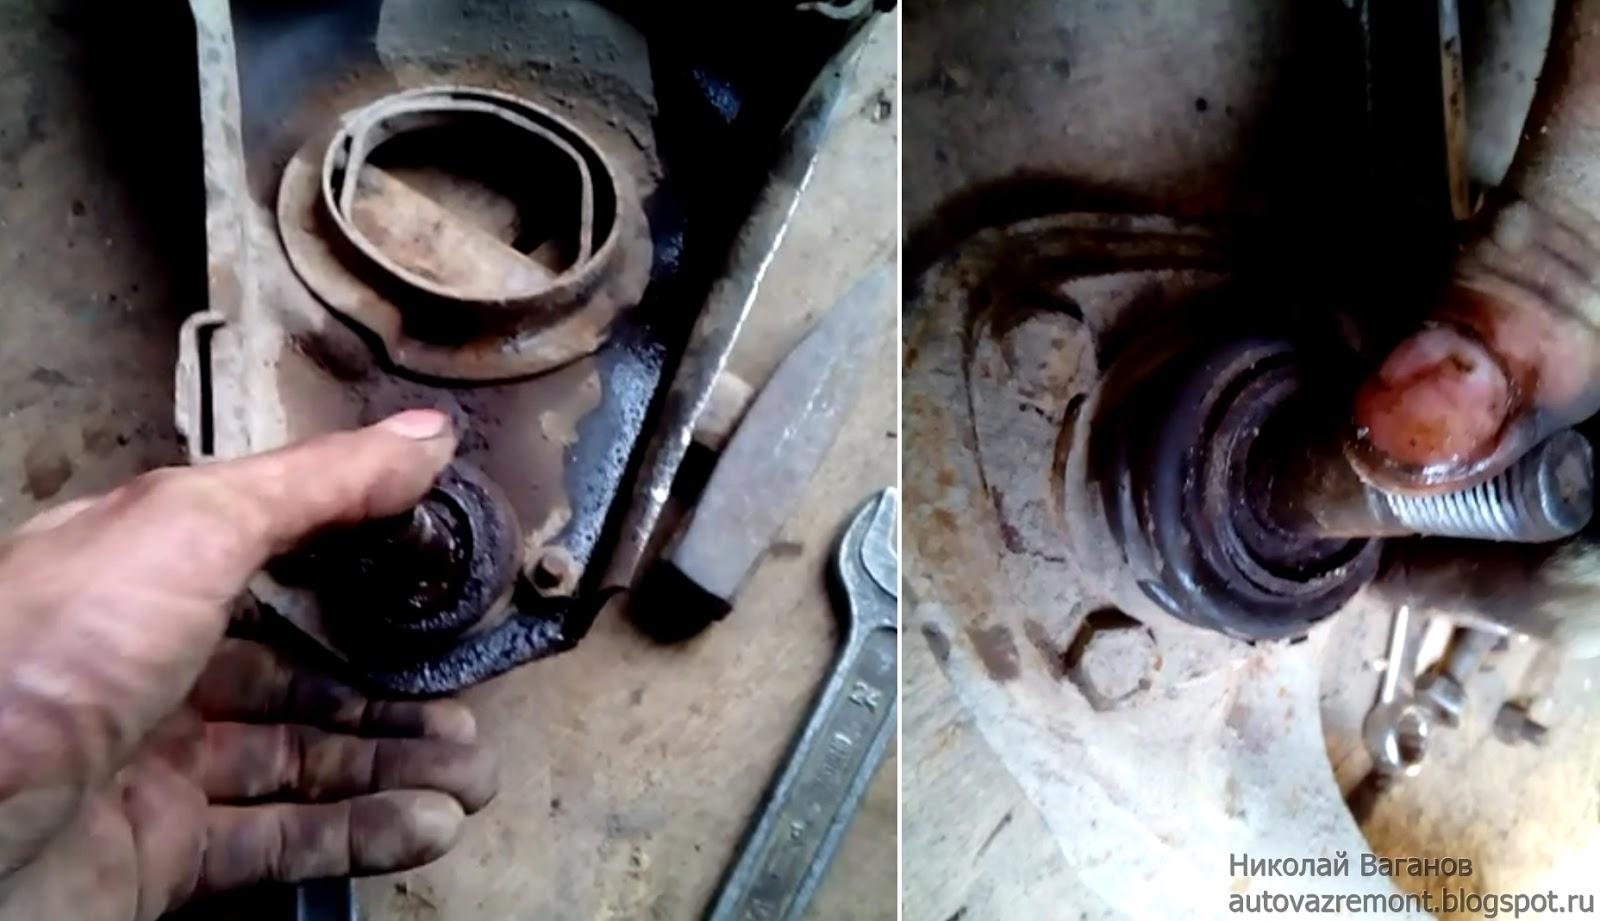 Замена подшипника передней ступицы ваз 2107 своими руками фото